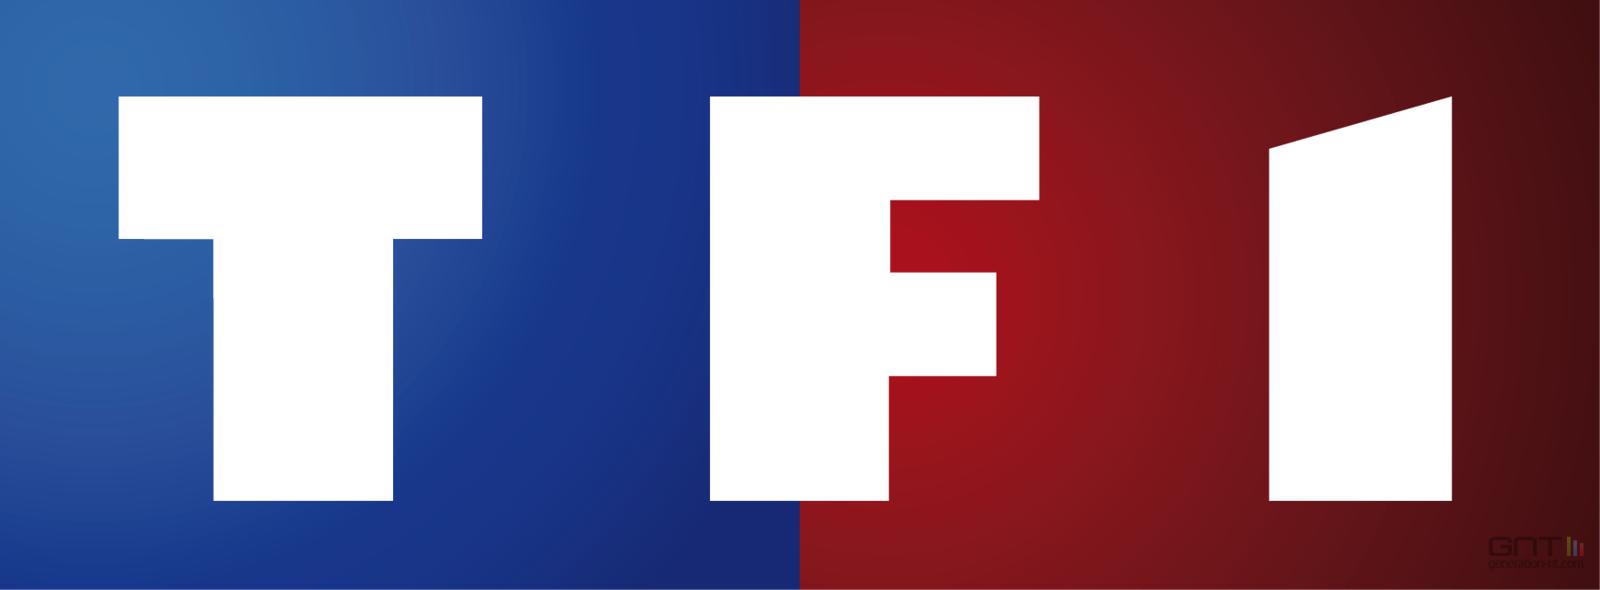 Le logo de TF1 célèbre ses 30 ans